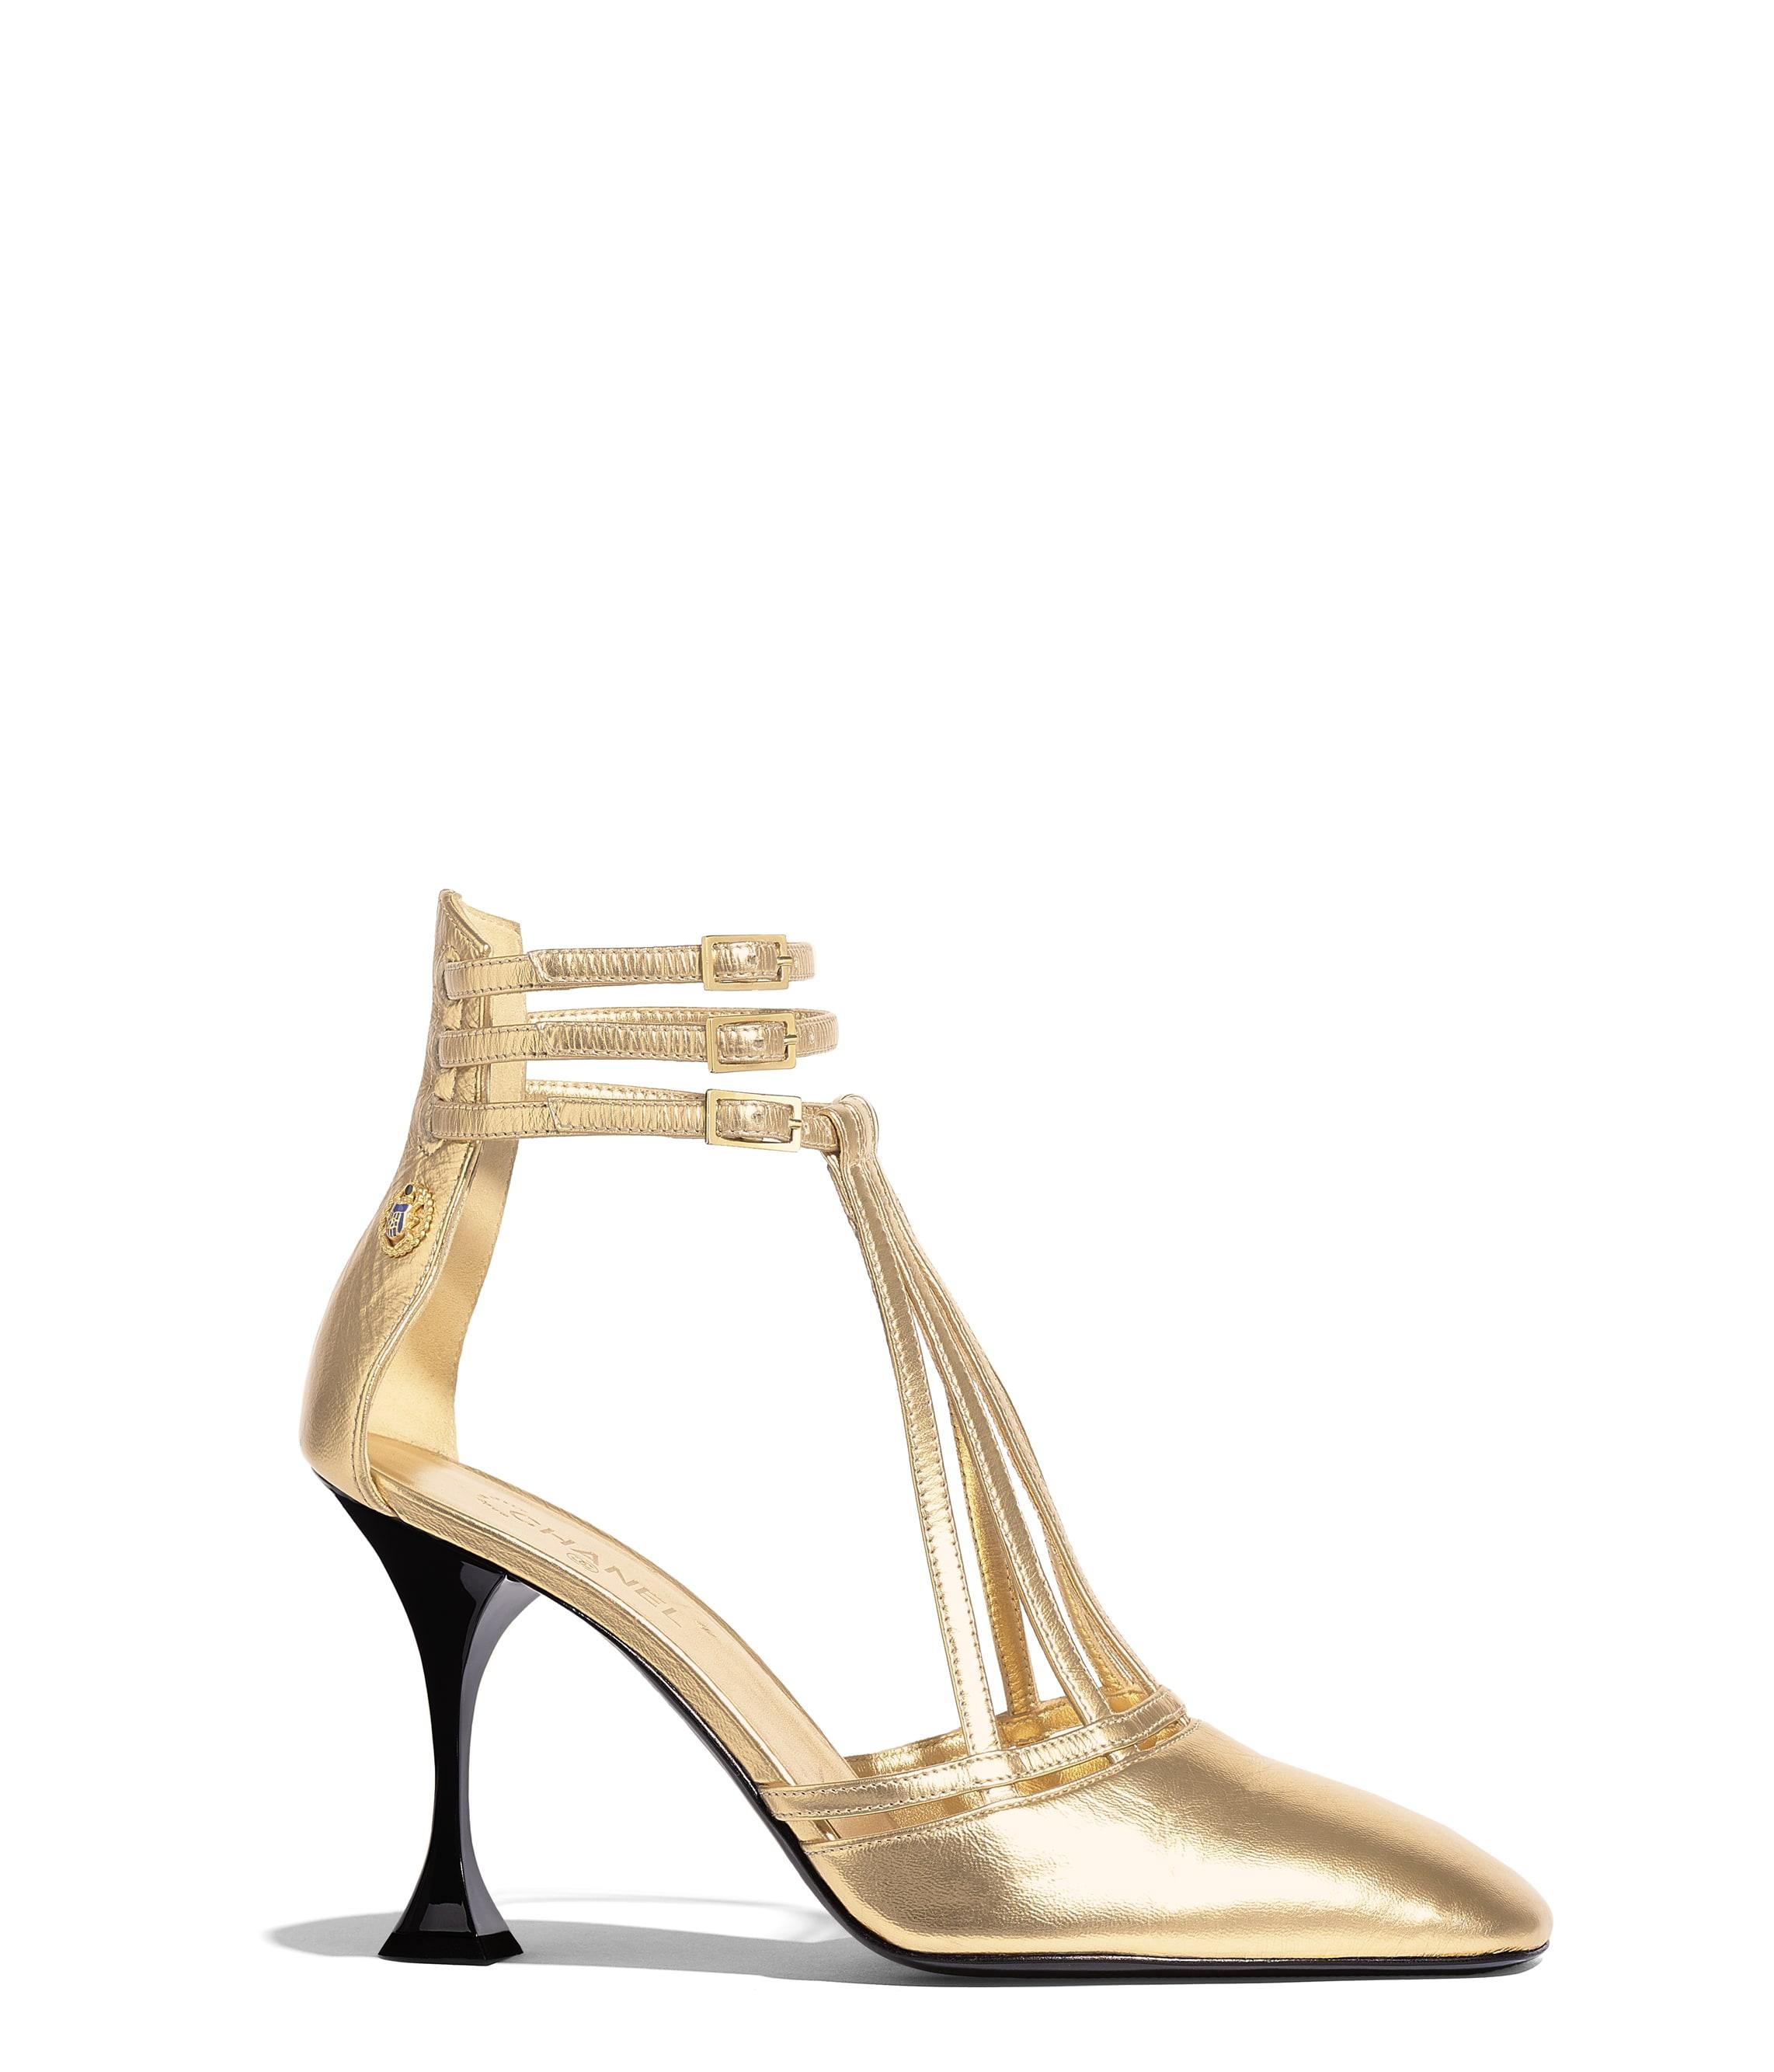 e0e32ce0b6 Sandals - Shoes - CHANEL